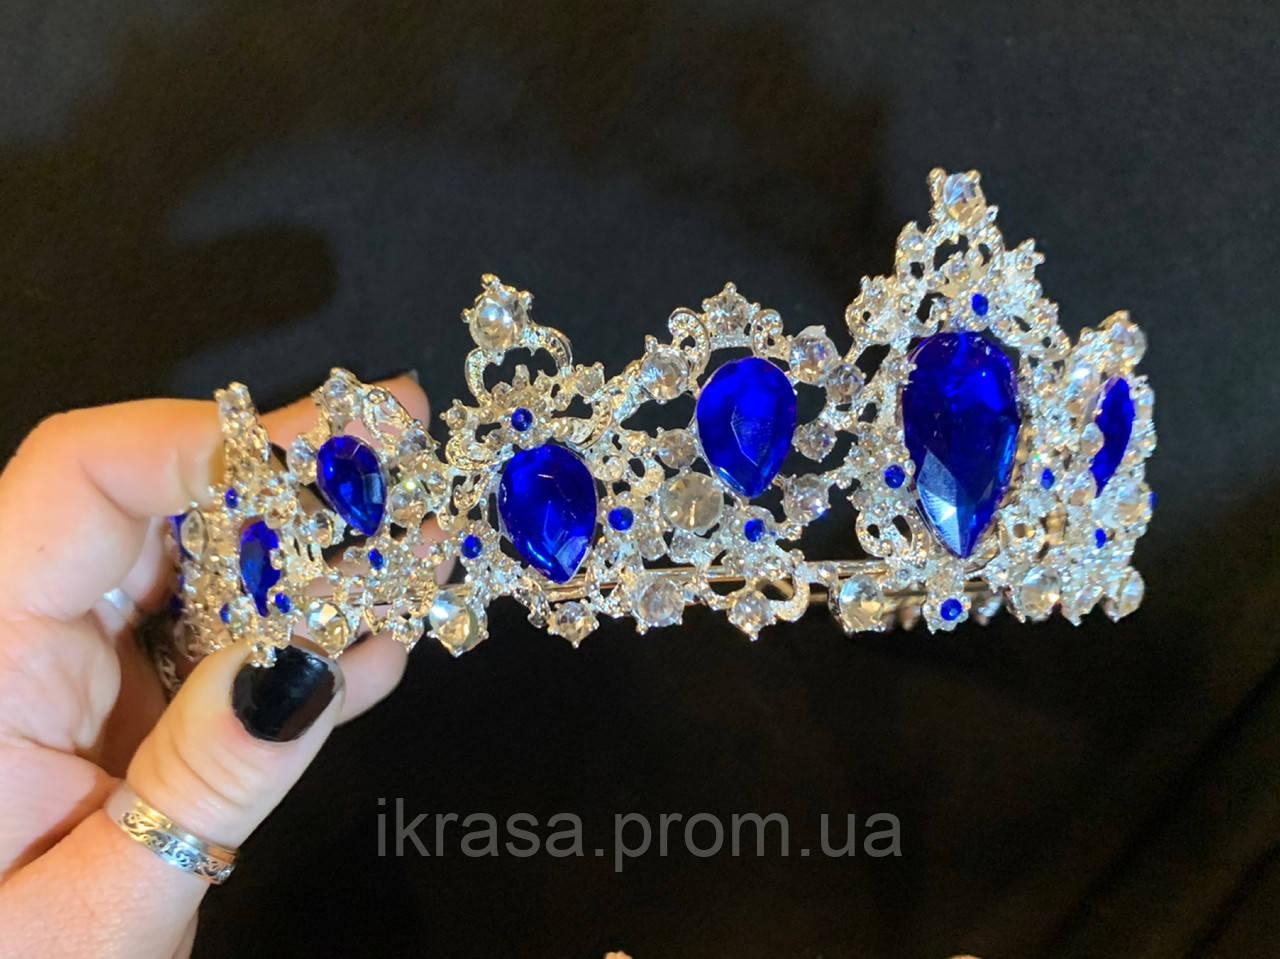 Felicia - Срібна корона півколом з синім камінням (5,5 см)